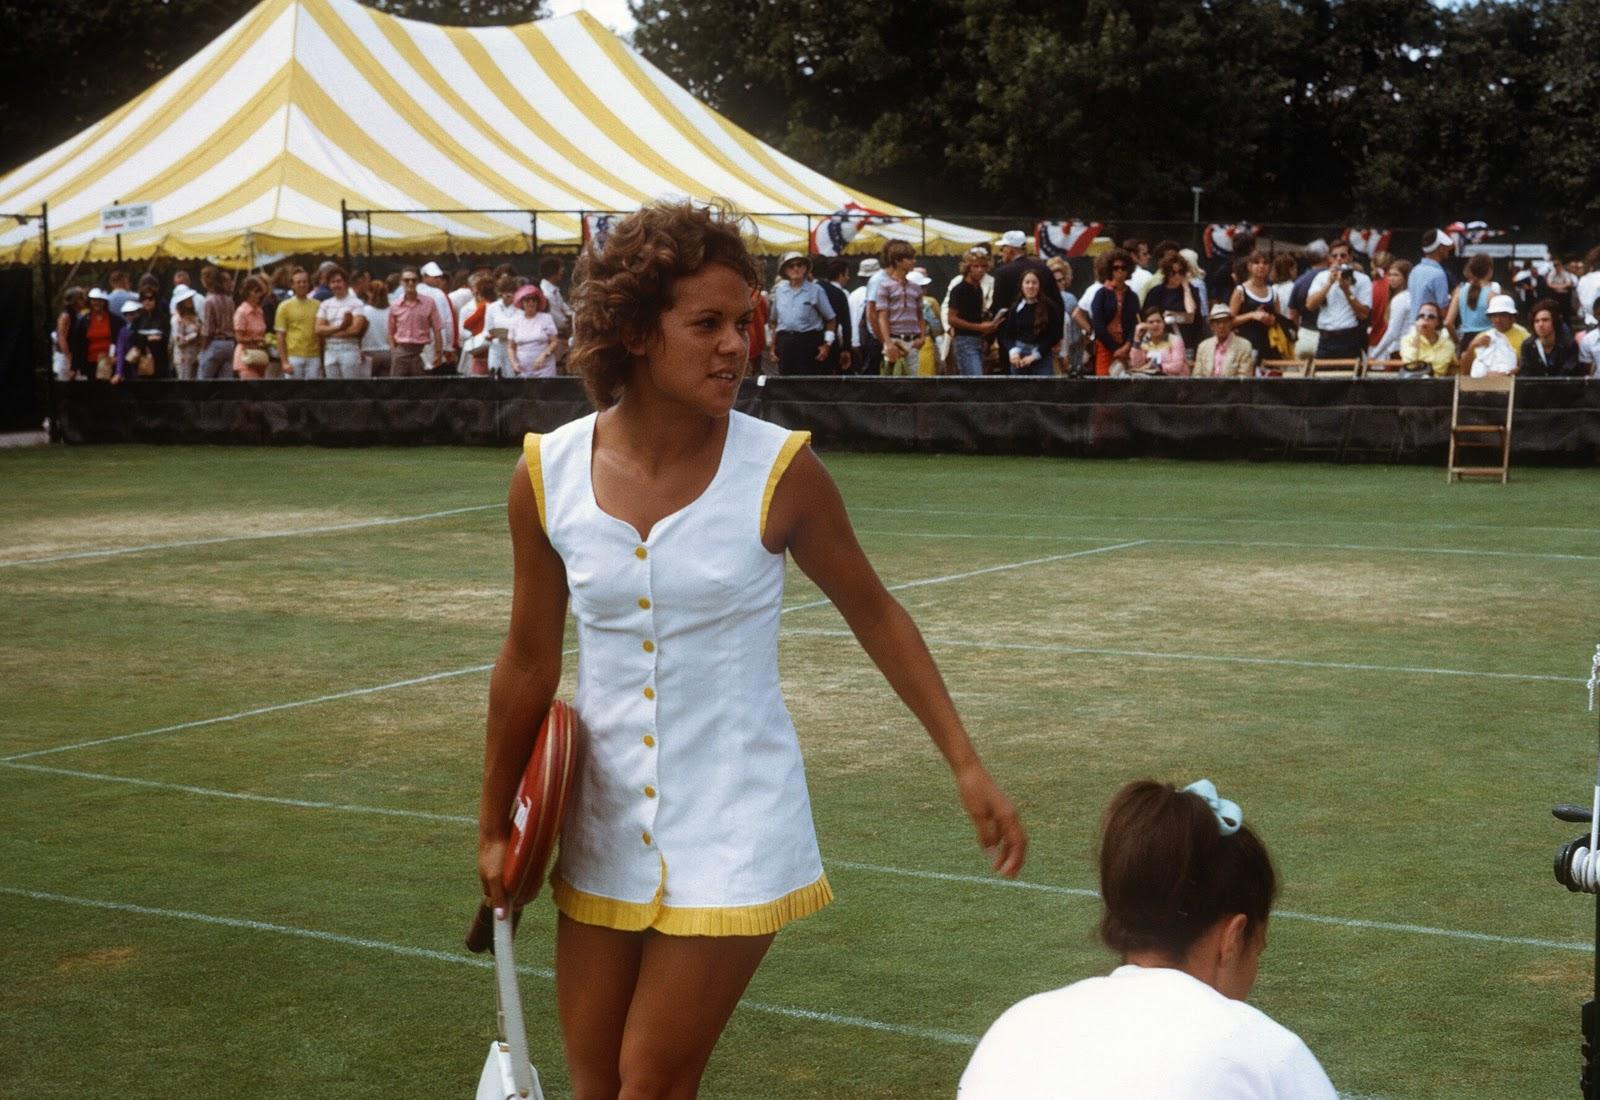 Personanondata Evonne Goolagong US Open 1972